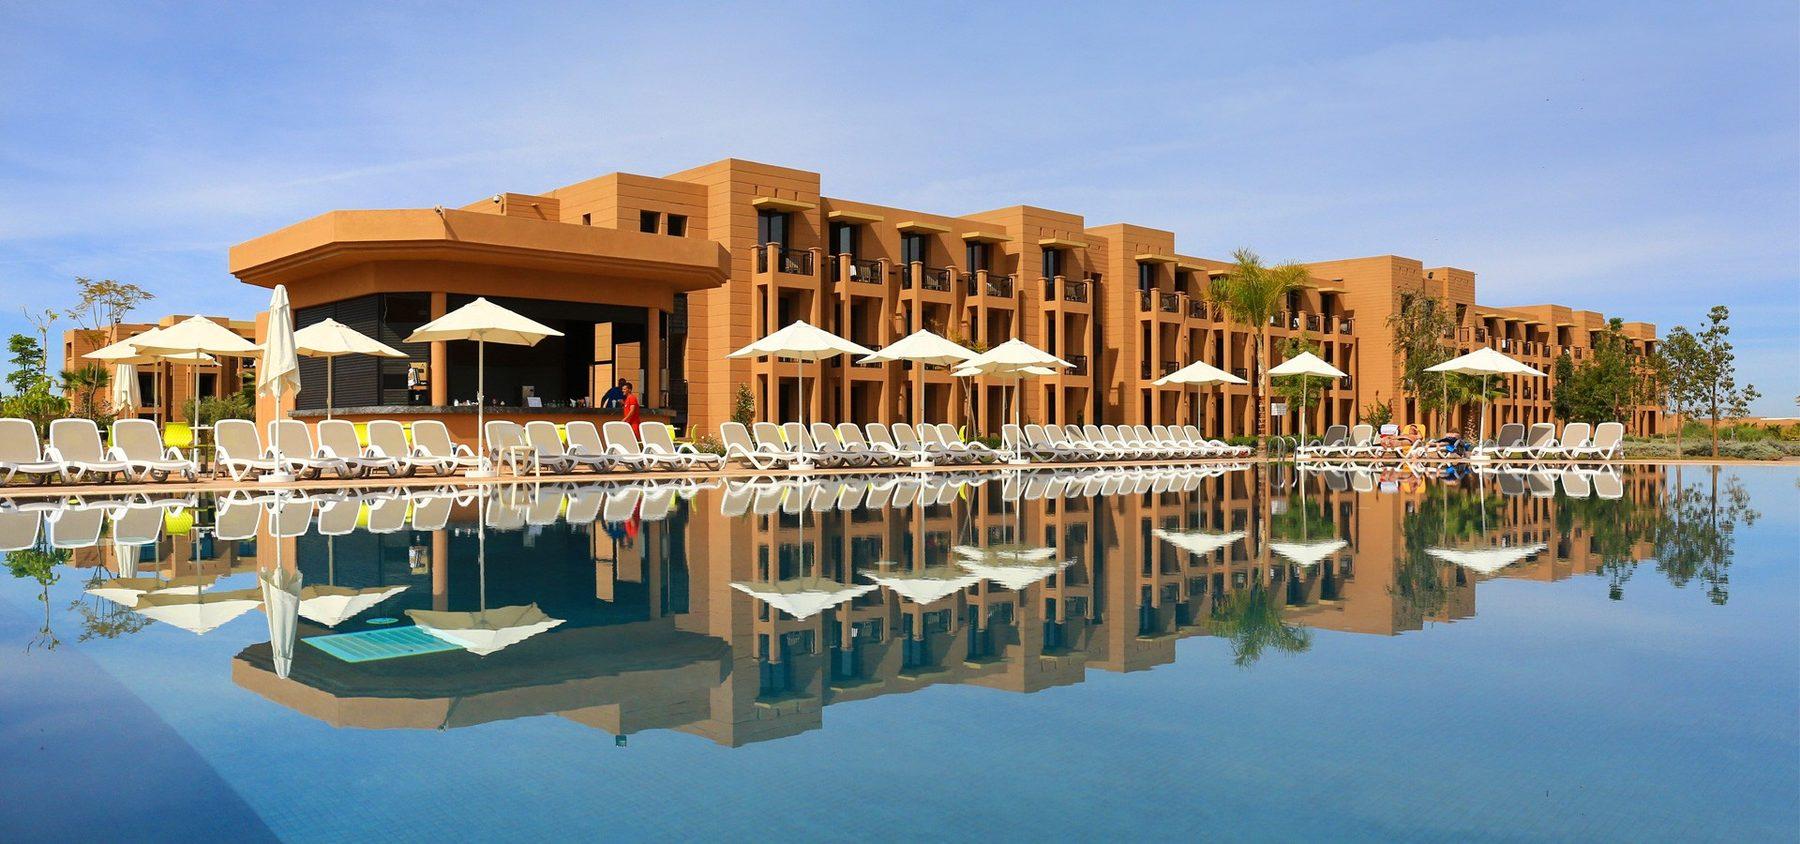 Hotel Aqua Mirage Marrakech